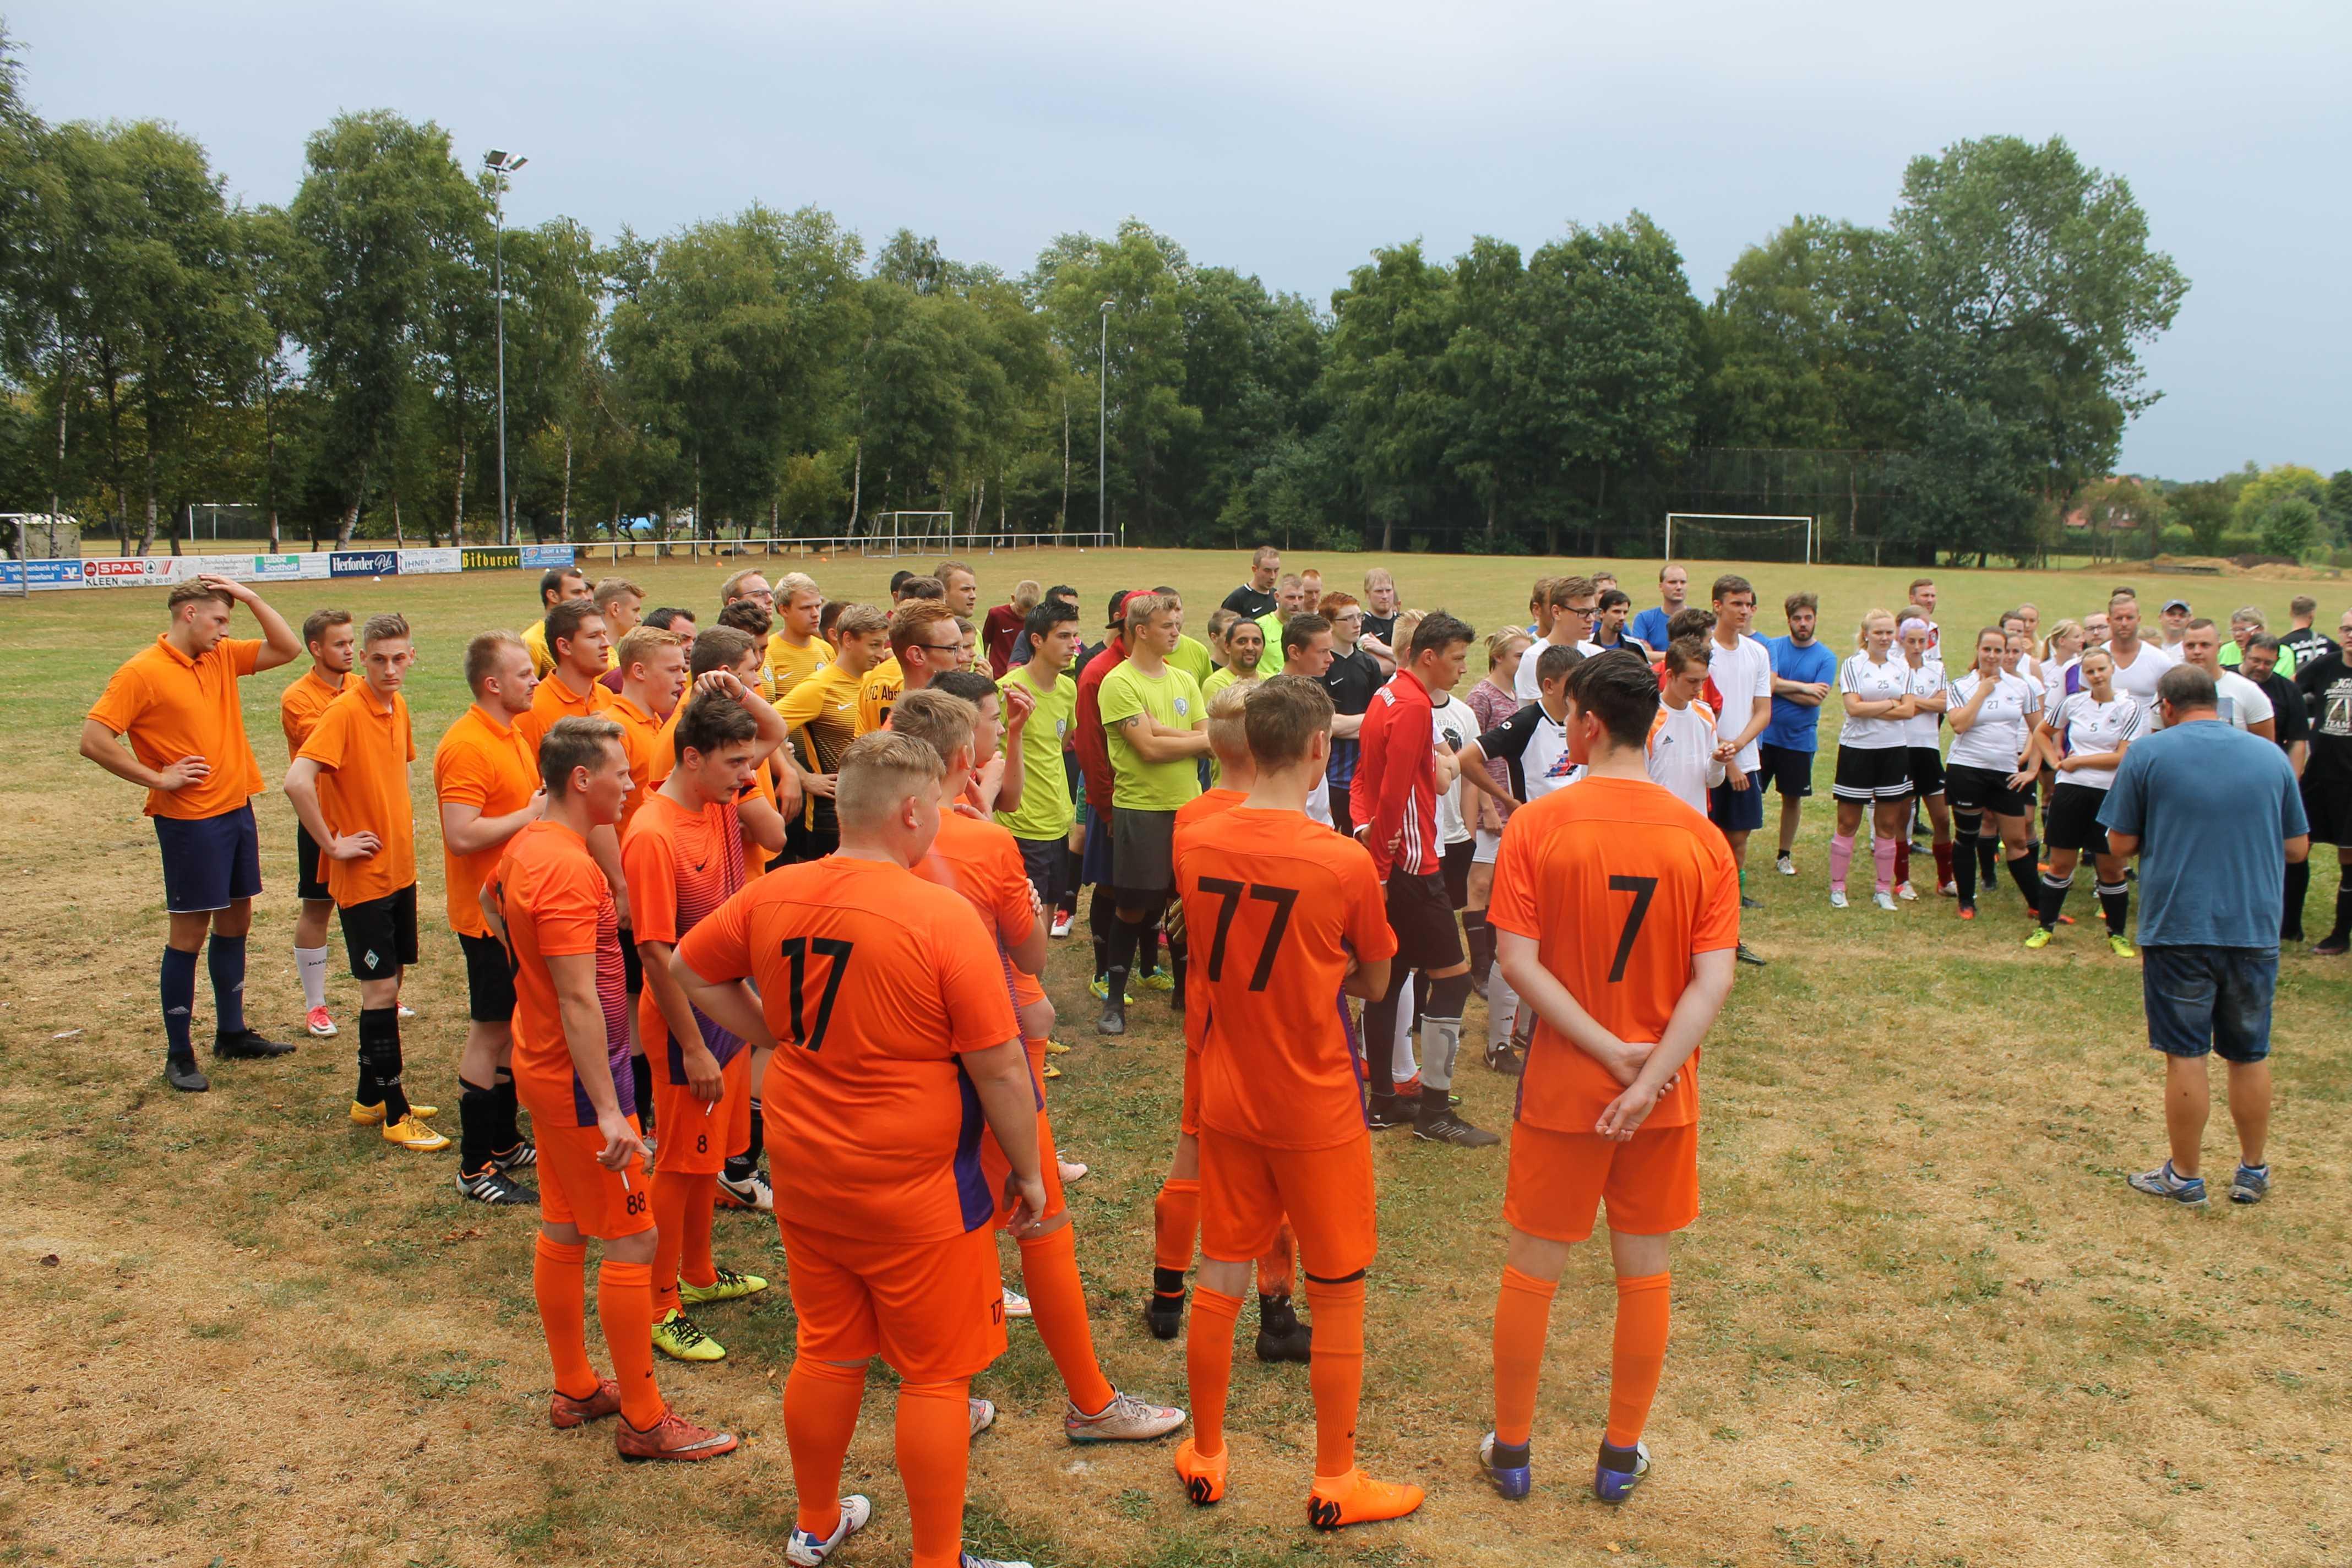 2018-07-28 Sportwoche - Hobbyturnier (6)